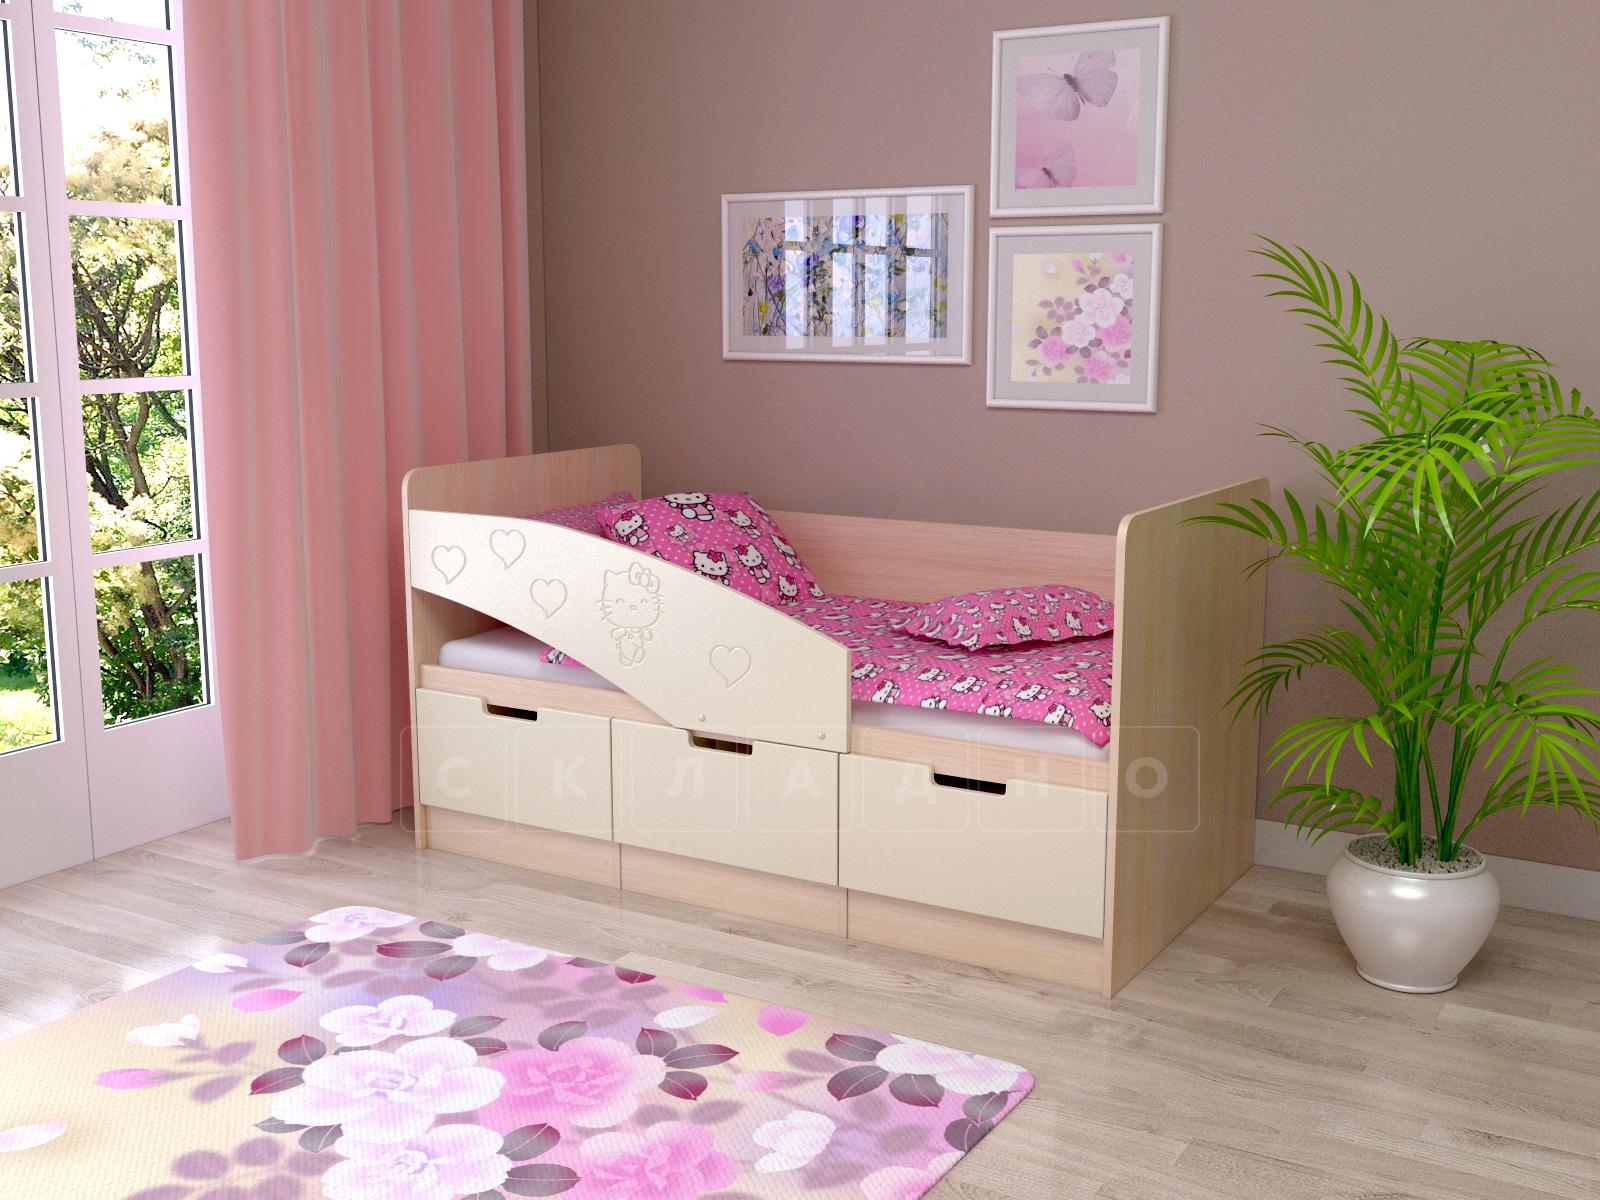 Детская кровать Бемби-7 Hello Kitty фото 1 | интернет-магазин Складно